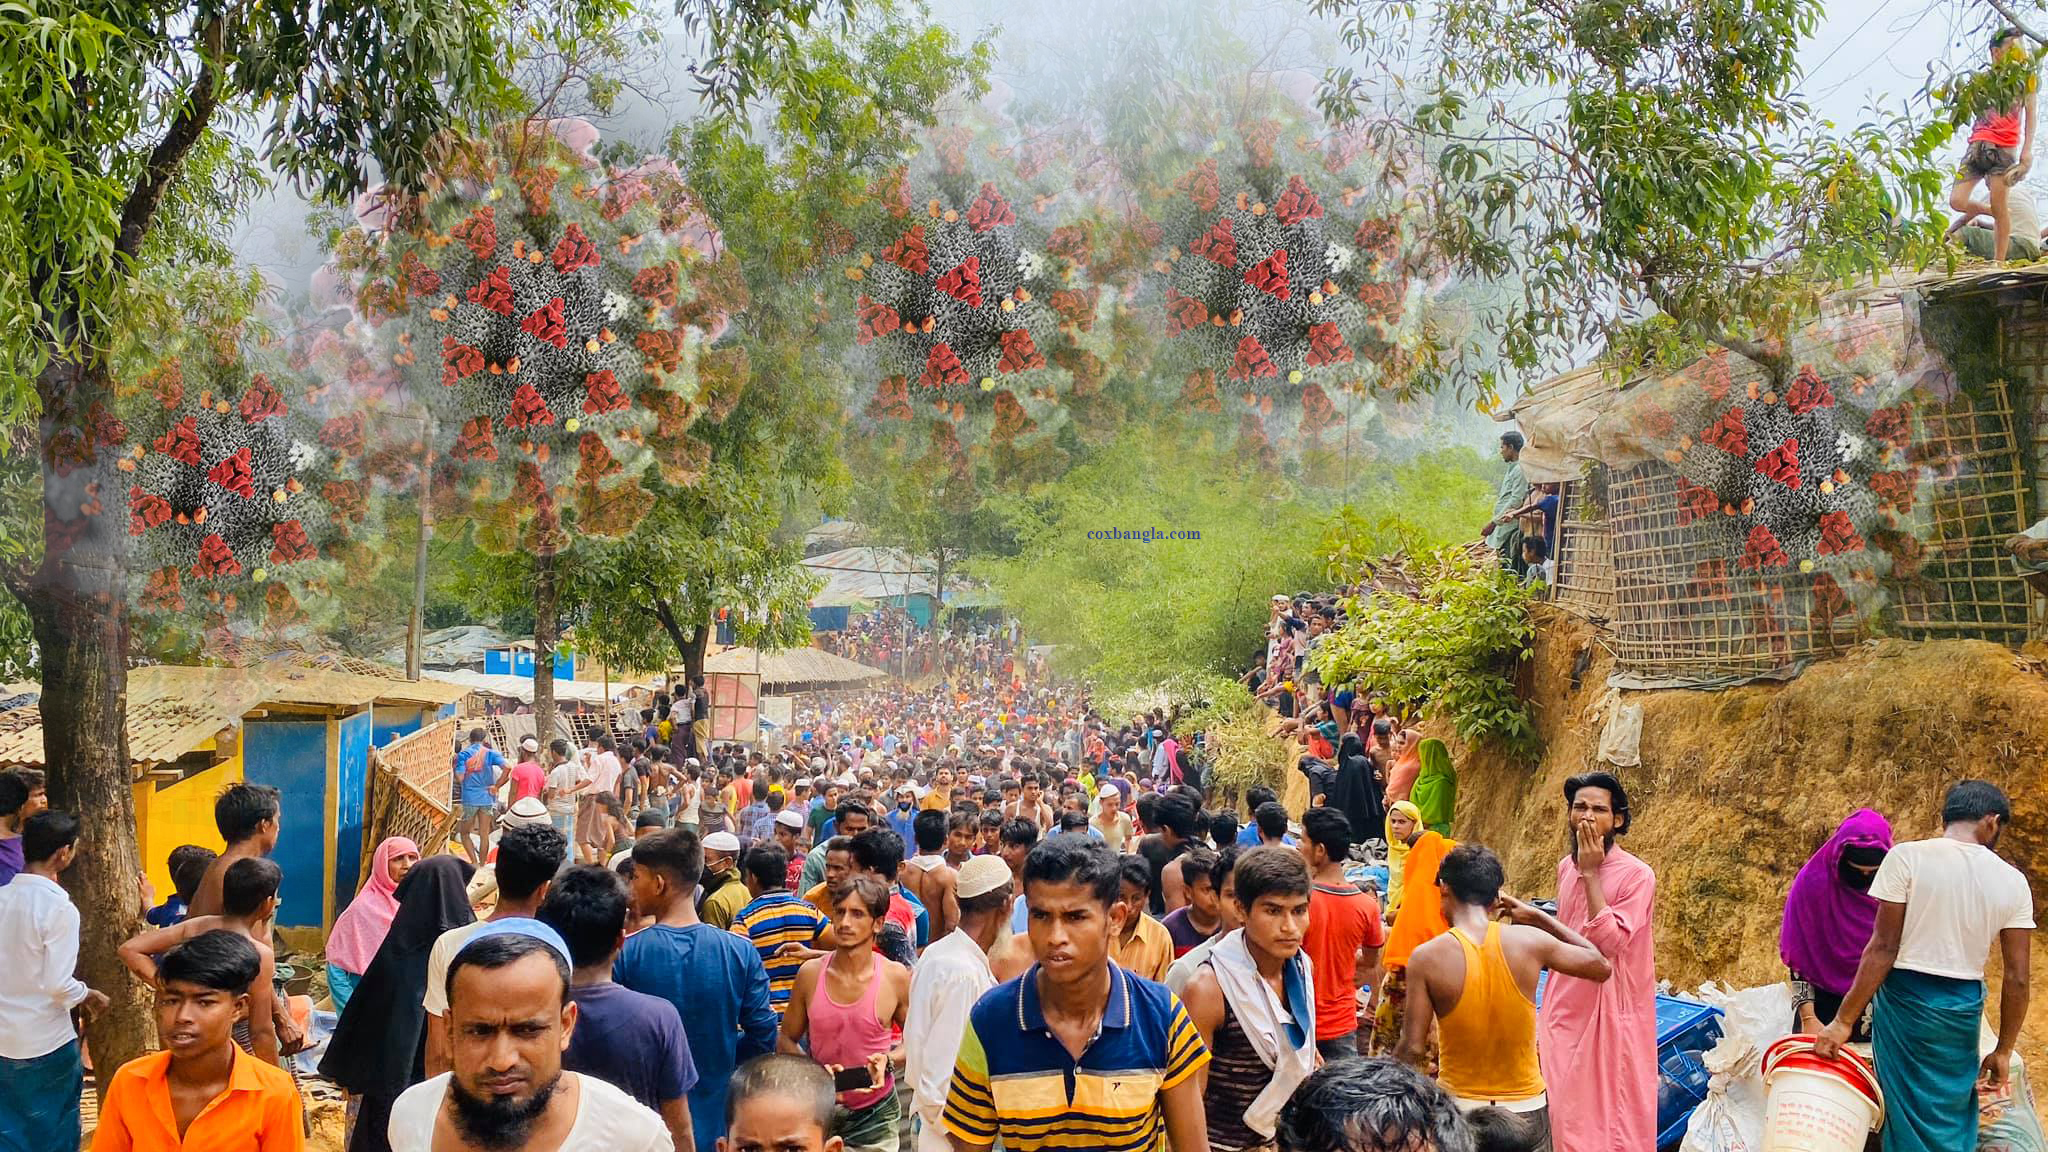 কক্সবাজার রোহিঙ্গা শিবিরে মারাত্মকভাবে ছড়িয়ে পড়ছে করোনা সংক্রমণ : ৭ দিনে আক্রান্ত ১৫০ জন